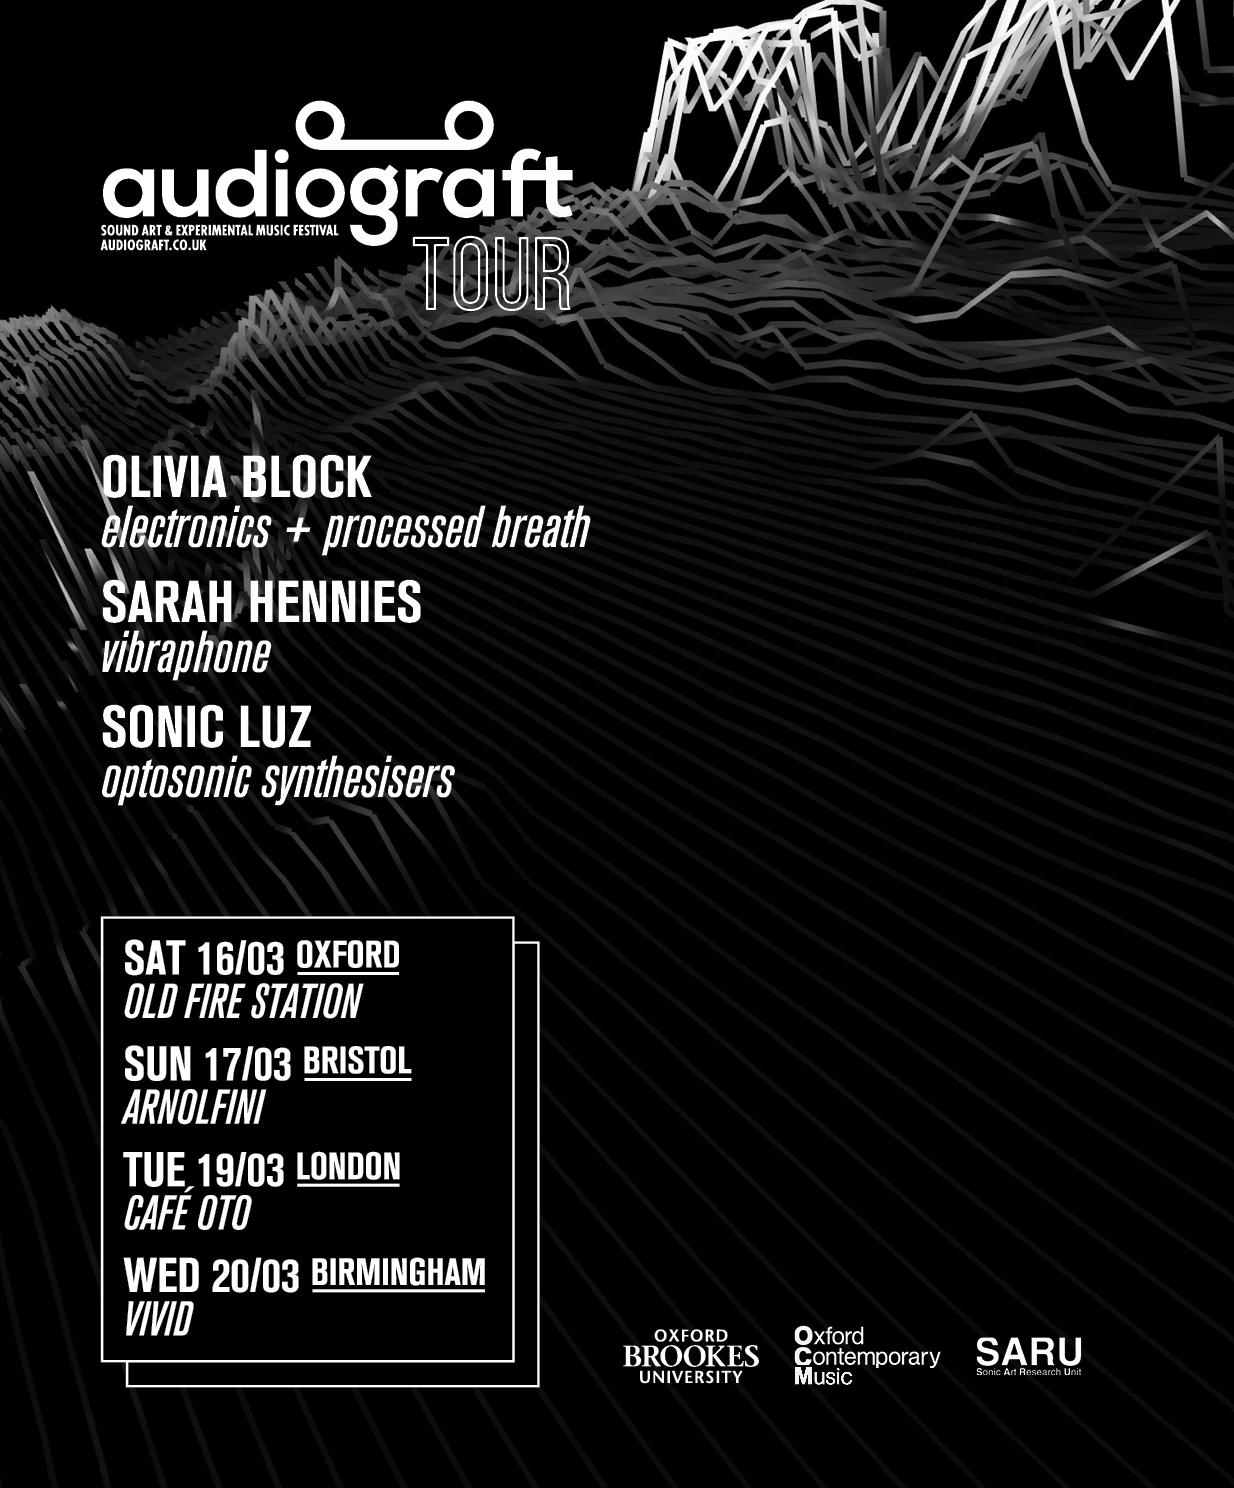 audiograft 2019 TOUR KTX (1)